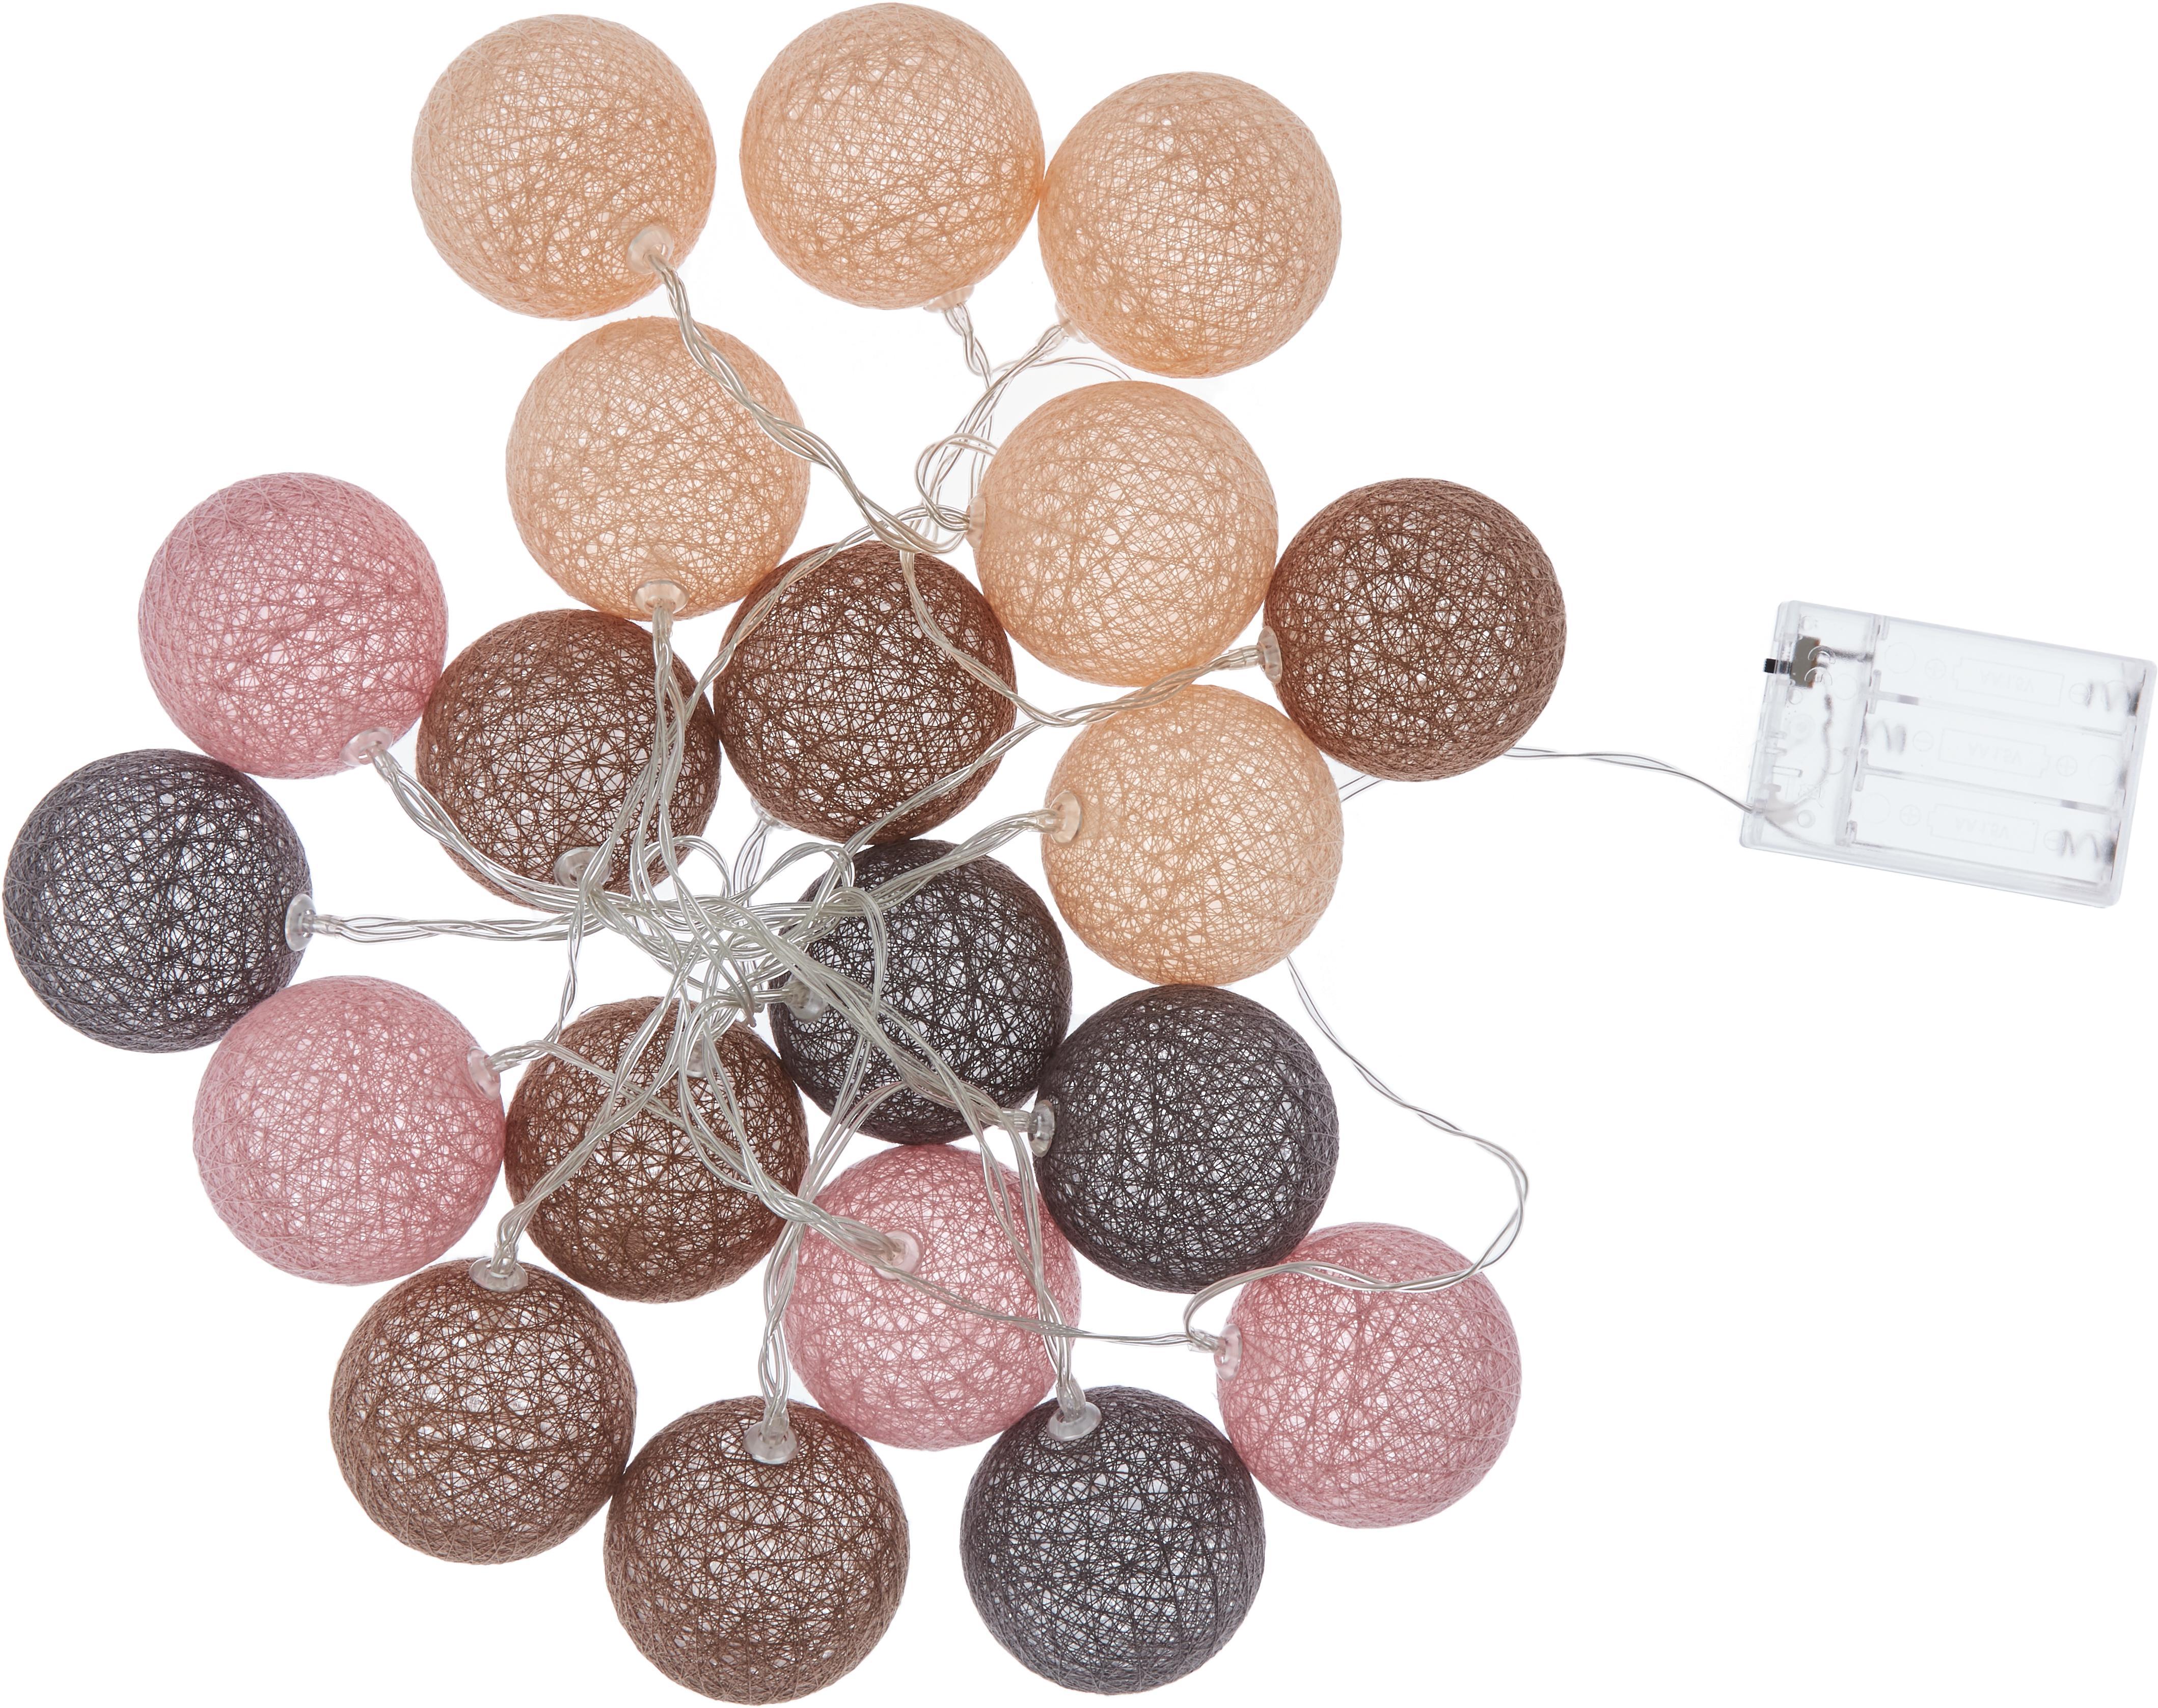 LED Lichterkette Bellin, 320 cm, Lampions: Baumwolle, Braun, Beige, Schwarz, Rosa, L 320 cm